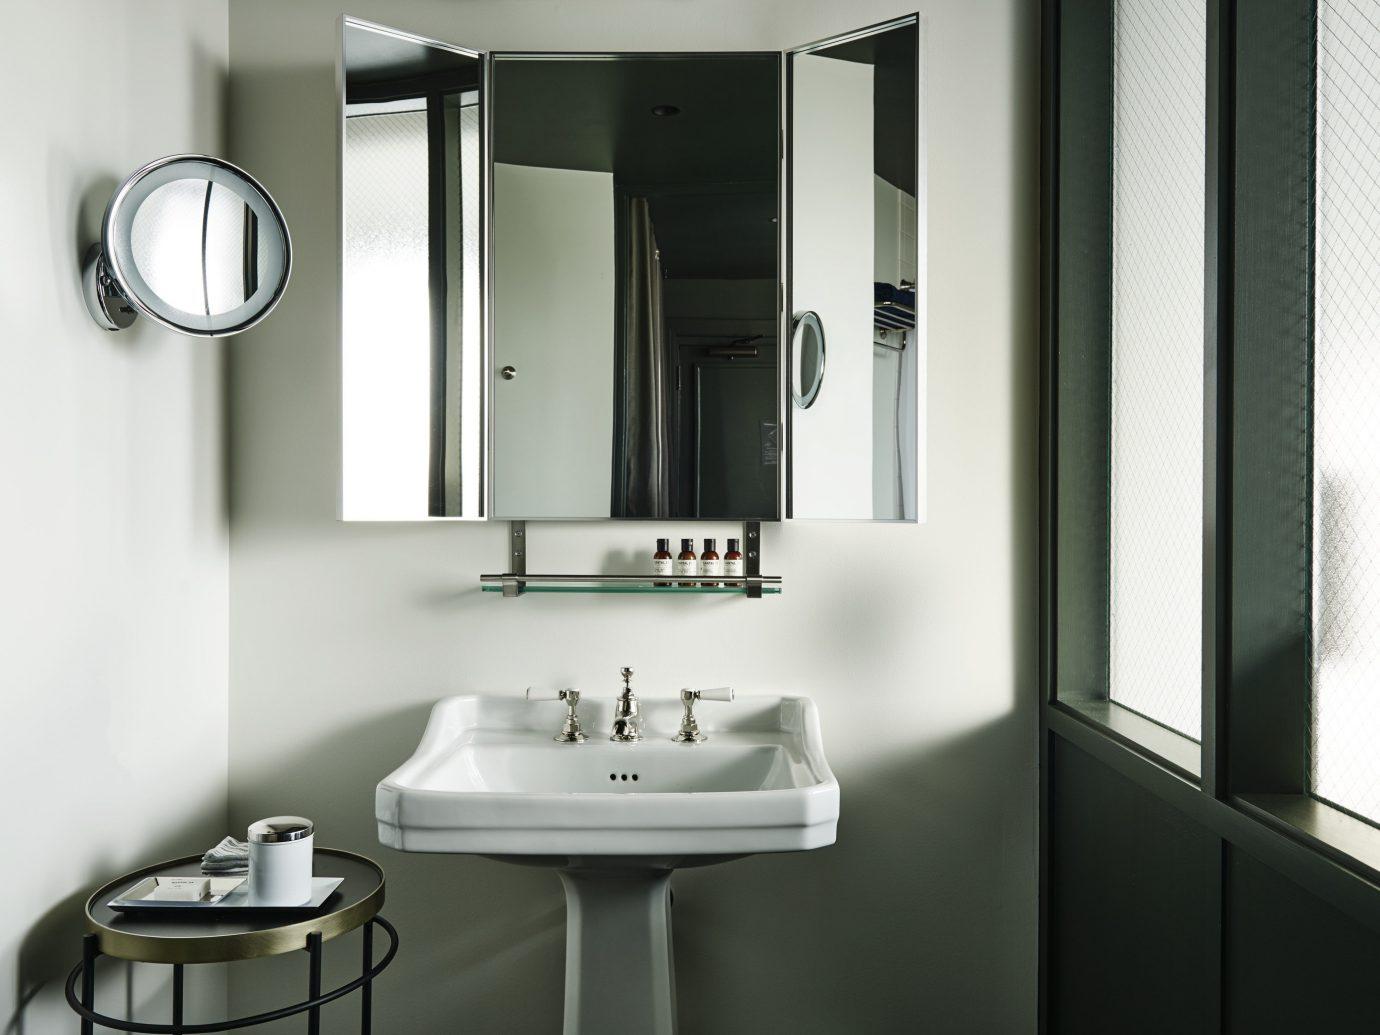 Trip Ideas Weekend Getaways Winter wall bathroom indoor mirror sink room window interior design lighting plumbing fixture floor Design bathroom cabinet bidet apartment public Modern